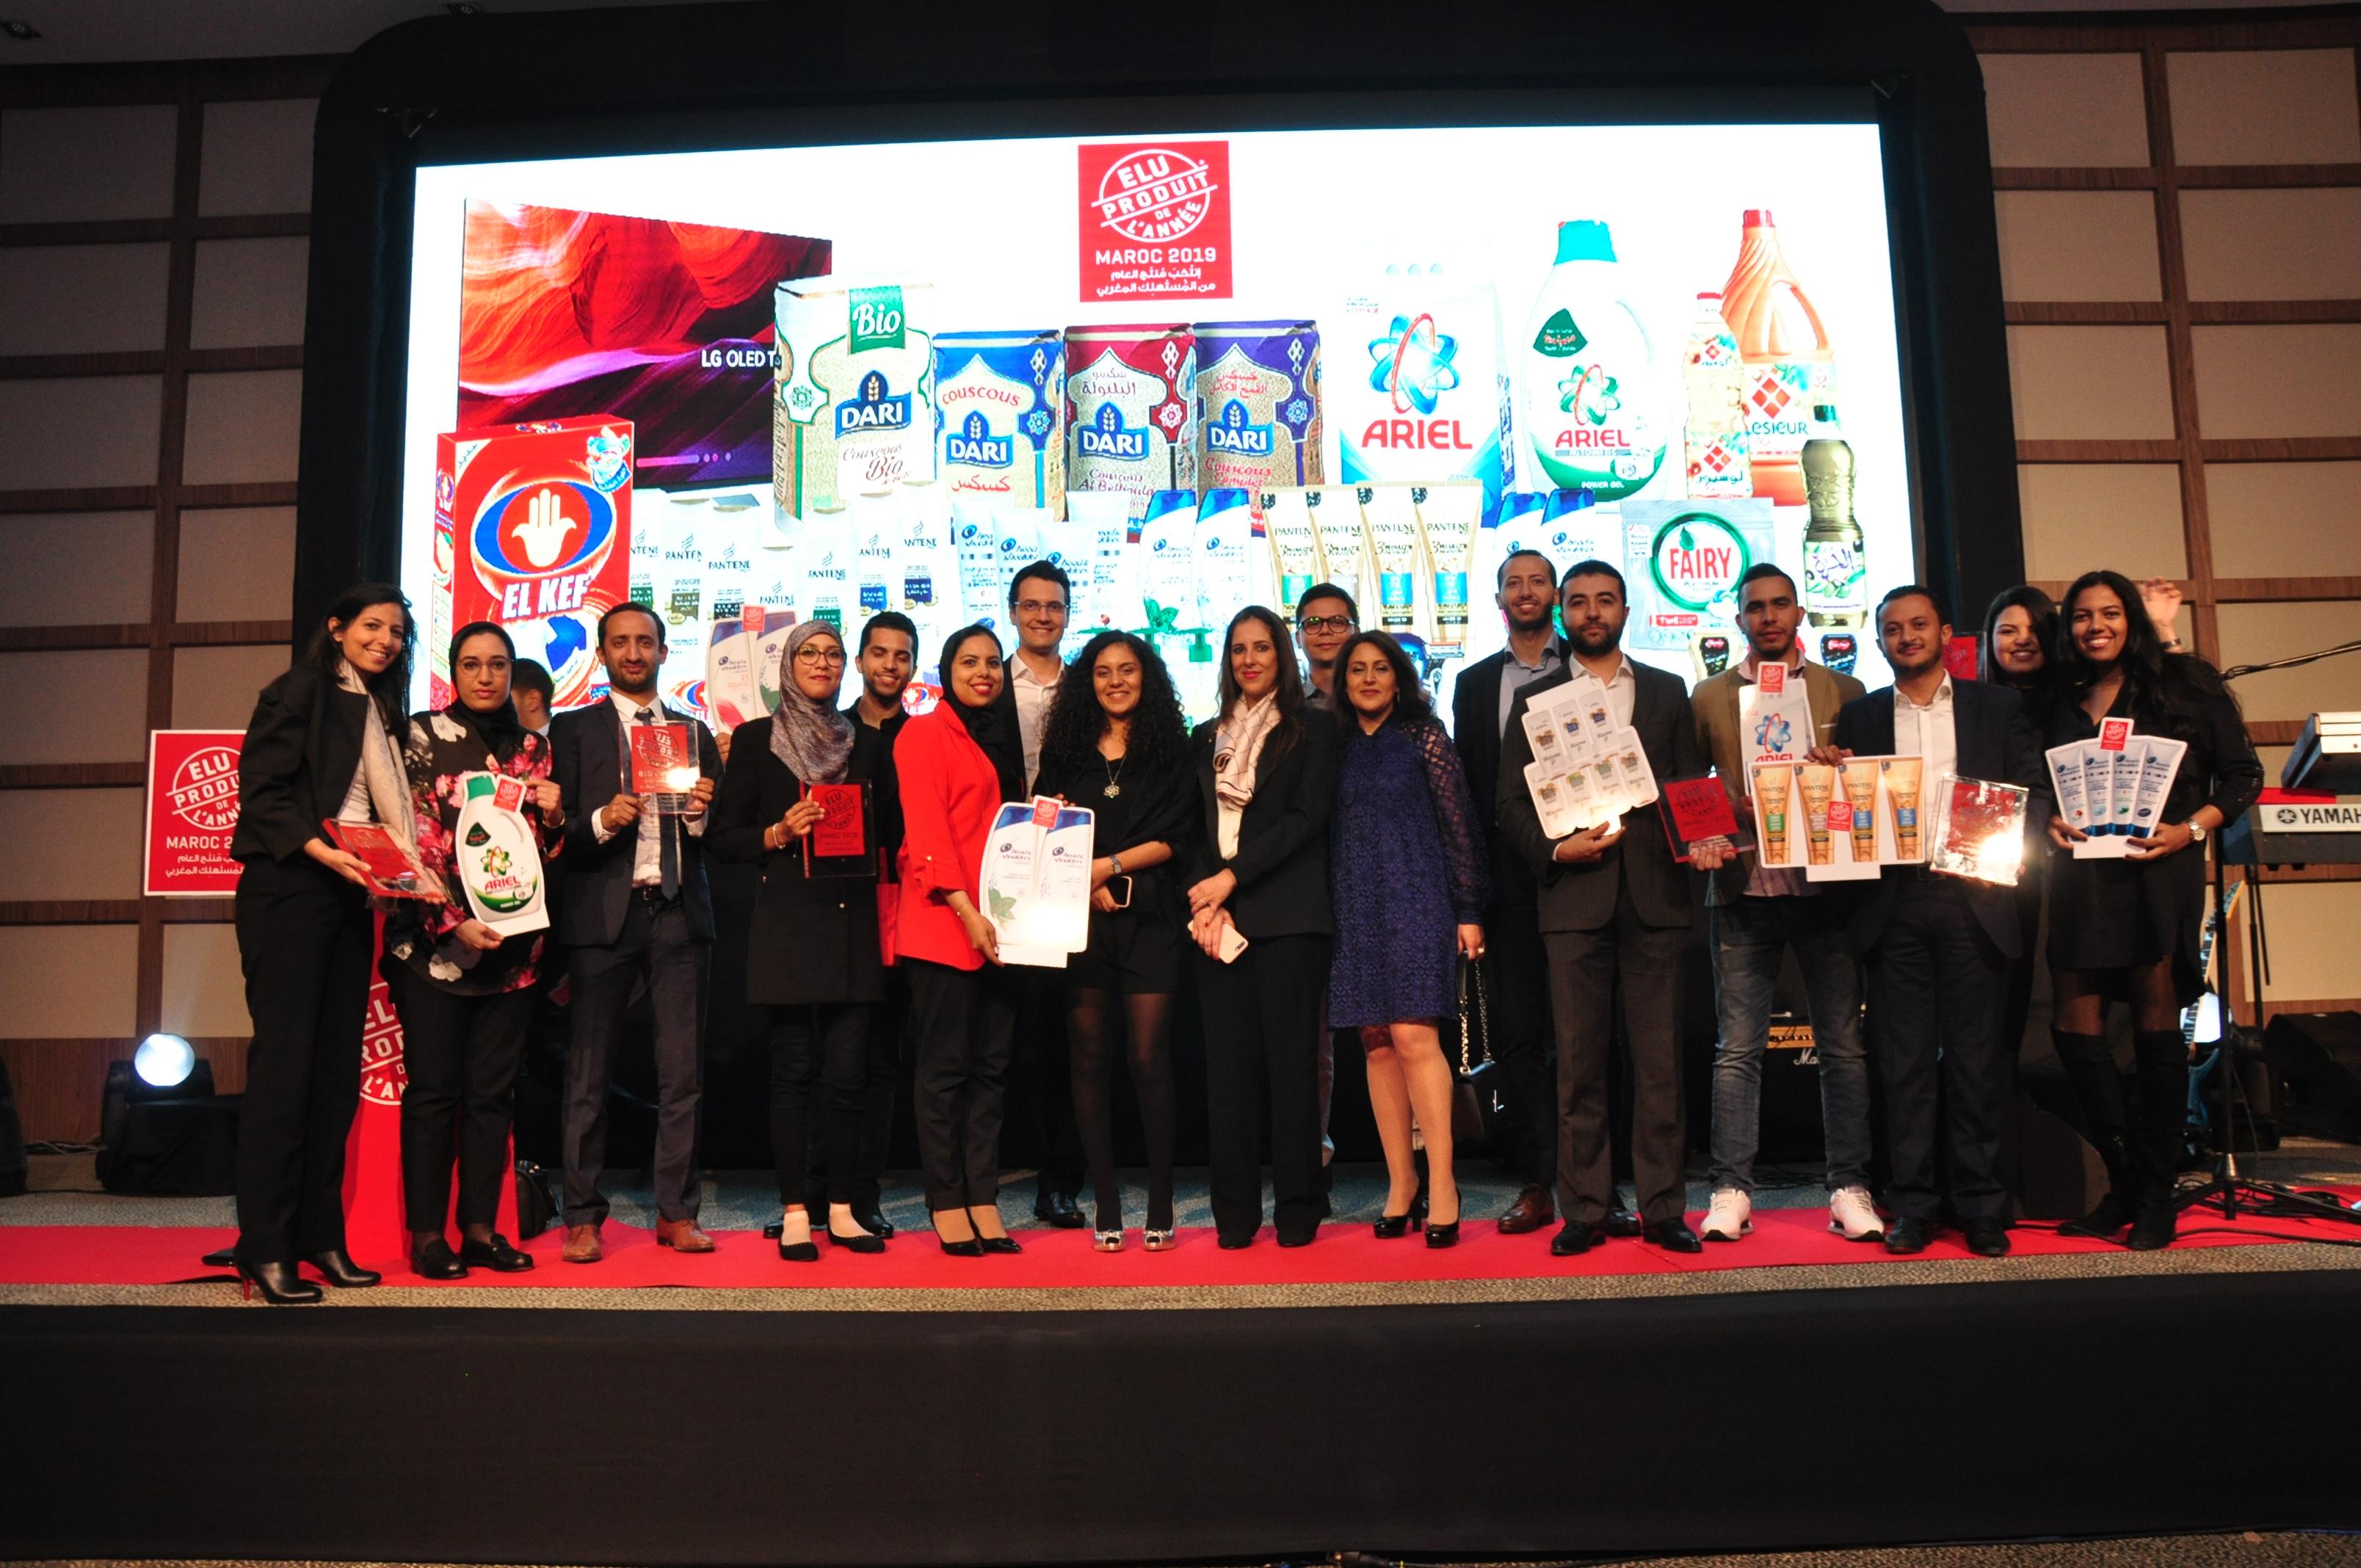 'بروكتر أند غامبل المغرب' الشركة الأكثر تتويجا في منافسة منتج السنة